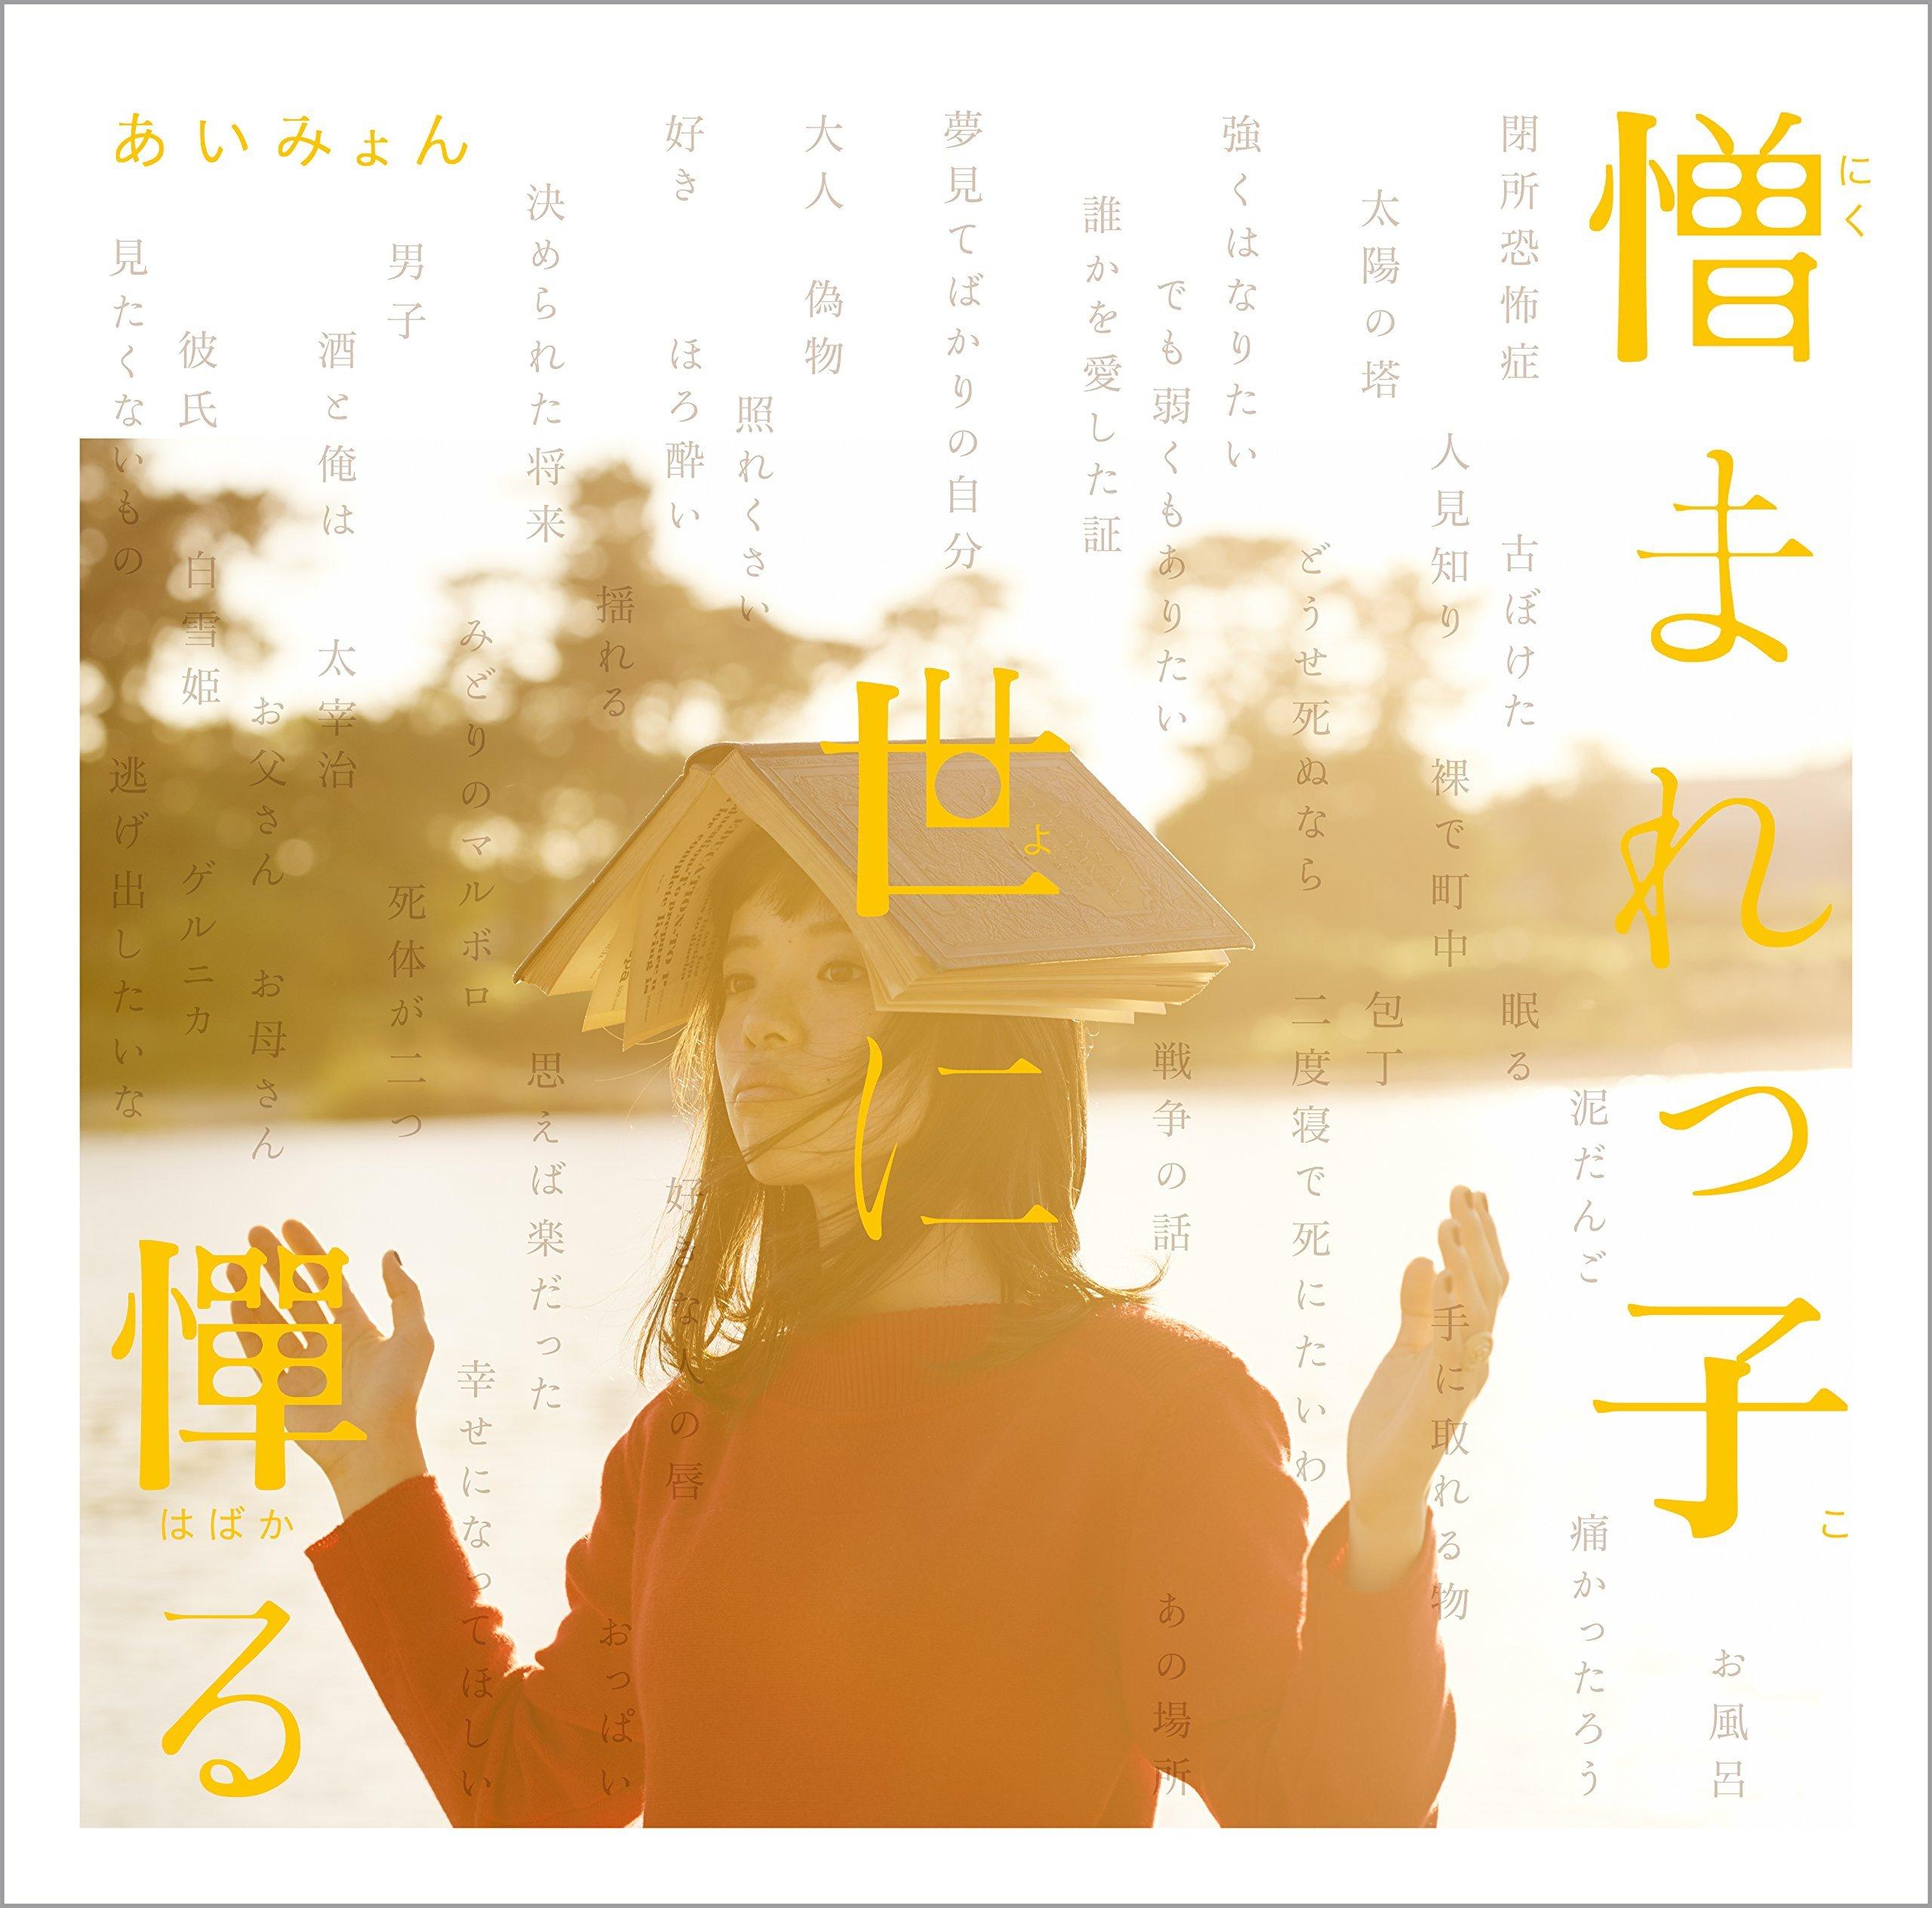 あいみょん インディーズ2ndミニアルバム『憎まれっ子世に憚る』(2015年12月2日発売) 高画質CDジャケット画像